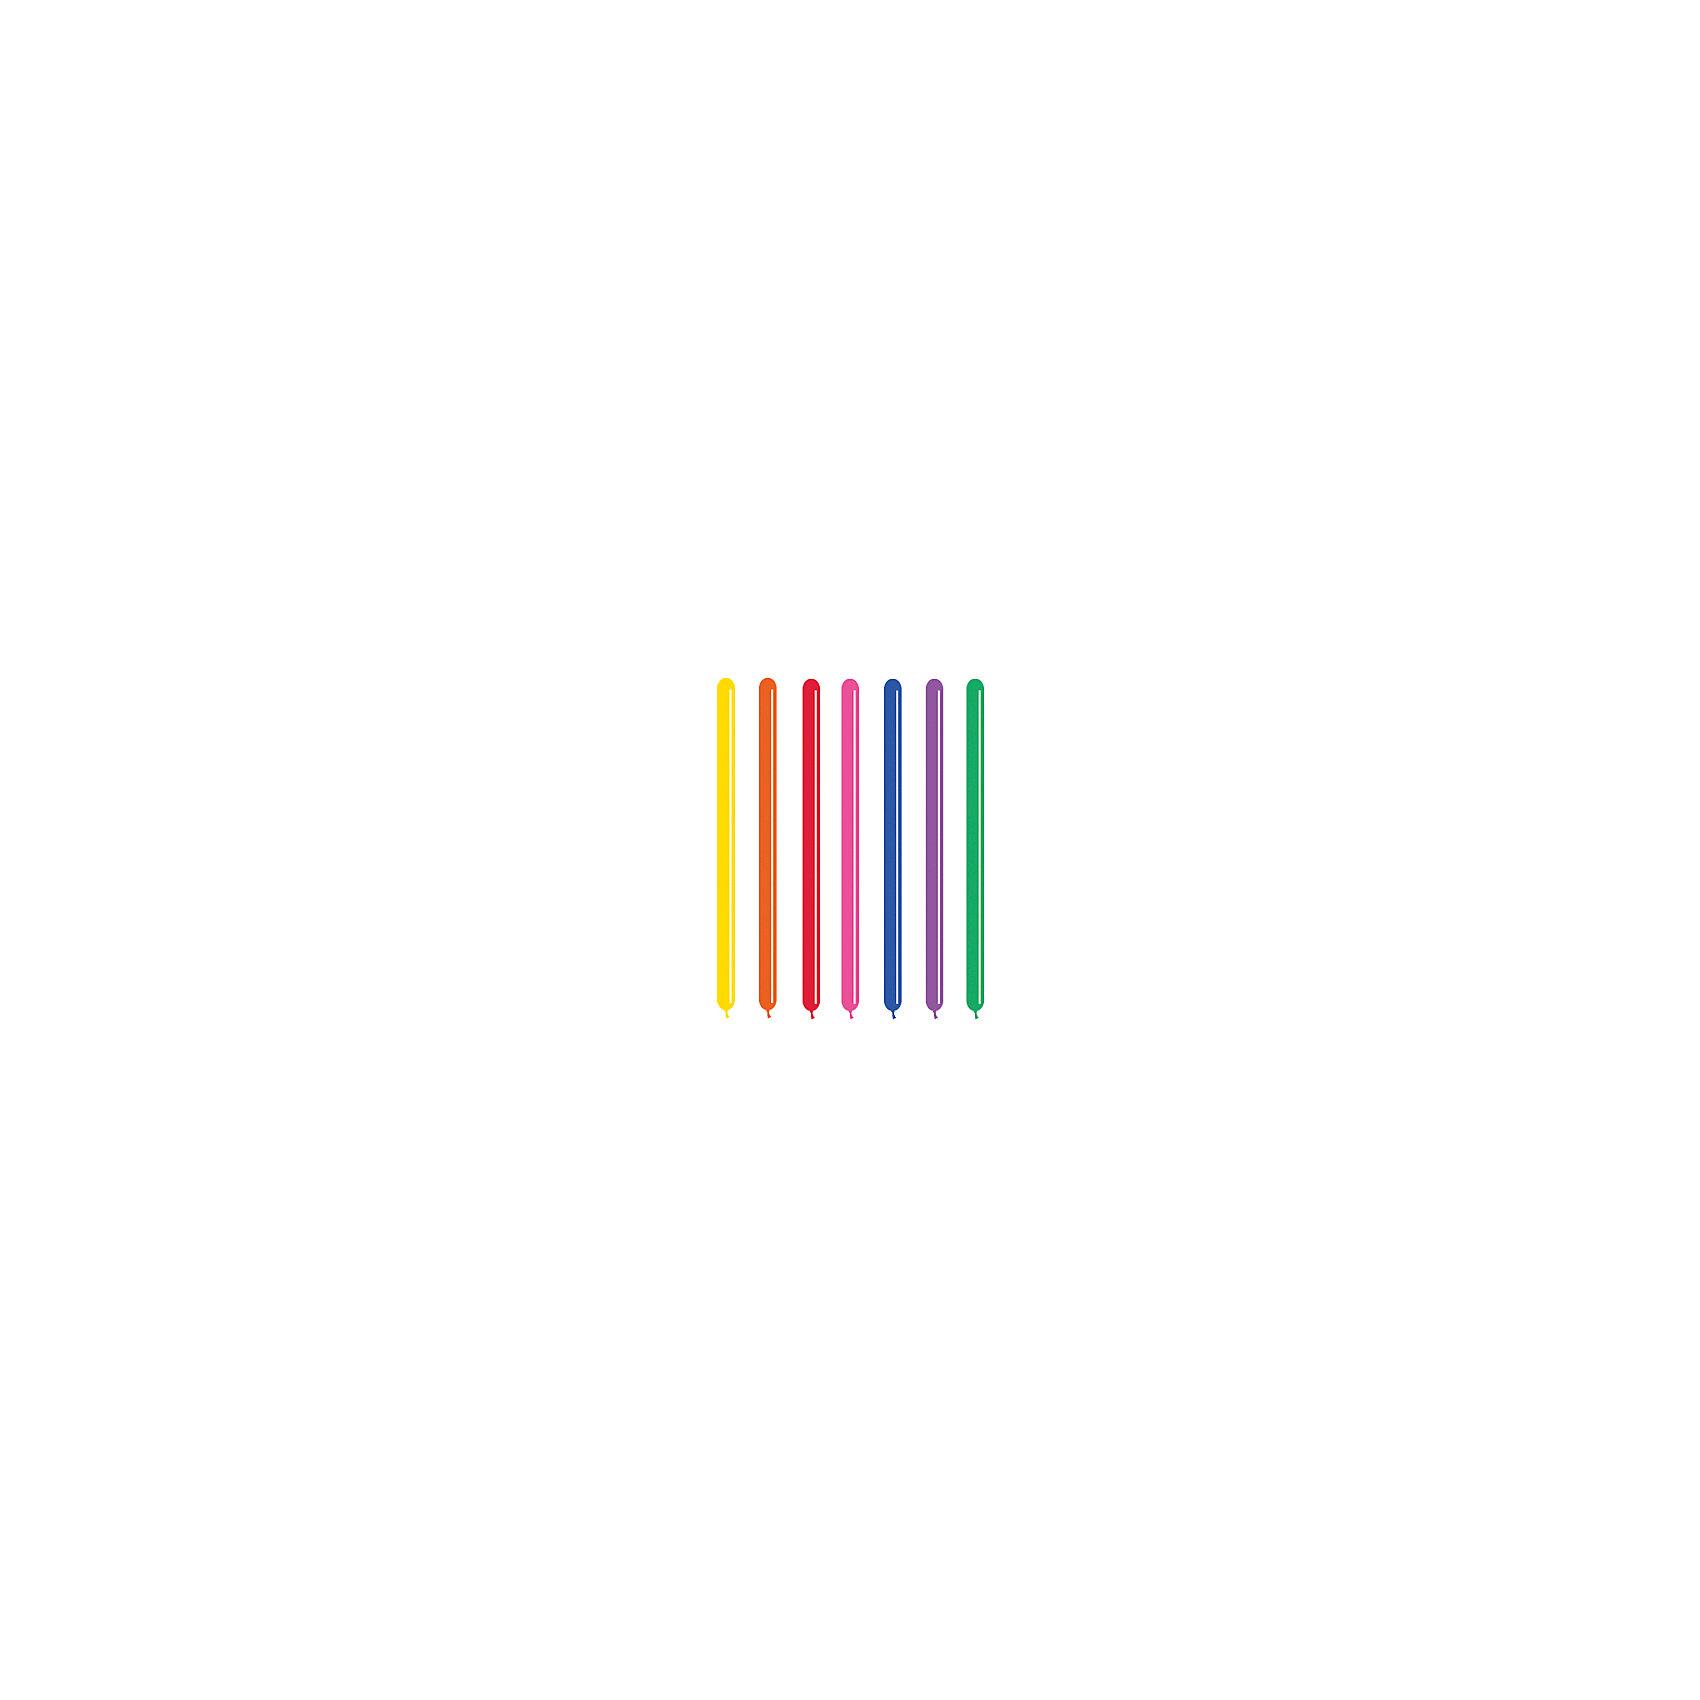 Шарики для моделирования, 160 см, 100 шт.Всё для праздника<br>Шарики для моделирования внесут яркие краски в любой праздник. Из них можно сделать самые разные фигурки, которые украсят интерьер и станут забавной игрушкой для малышей. Даже взрослые не удержатся от веселой улыбки при виде разноцветных воздушных зверушек и цветов.&#13;<br>В наборе «Olala» 100 латексных шаров для моделирования длиной 160 см. Цвет в ассортименте. Товар сертифицирован.<br><br>Ширина мм: 270<br>Глубина мм: 180<br>Высота мм: 50<br>Вес г: 150<br>Возраст от месяцев: 36<br>Возраст до месяцев: 120<br>Пол: Унисекс<br>Возраст: Детский<br>SKU: 5016491